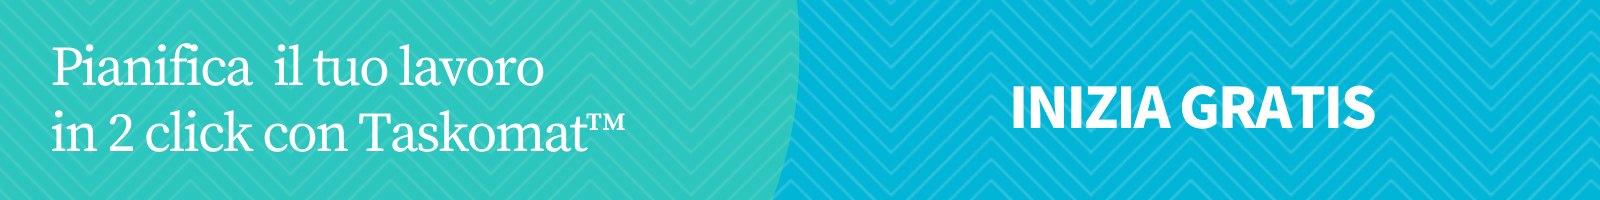 Pianifica il tuo lavoro in 2 click con Taskomat™